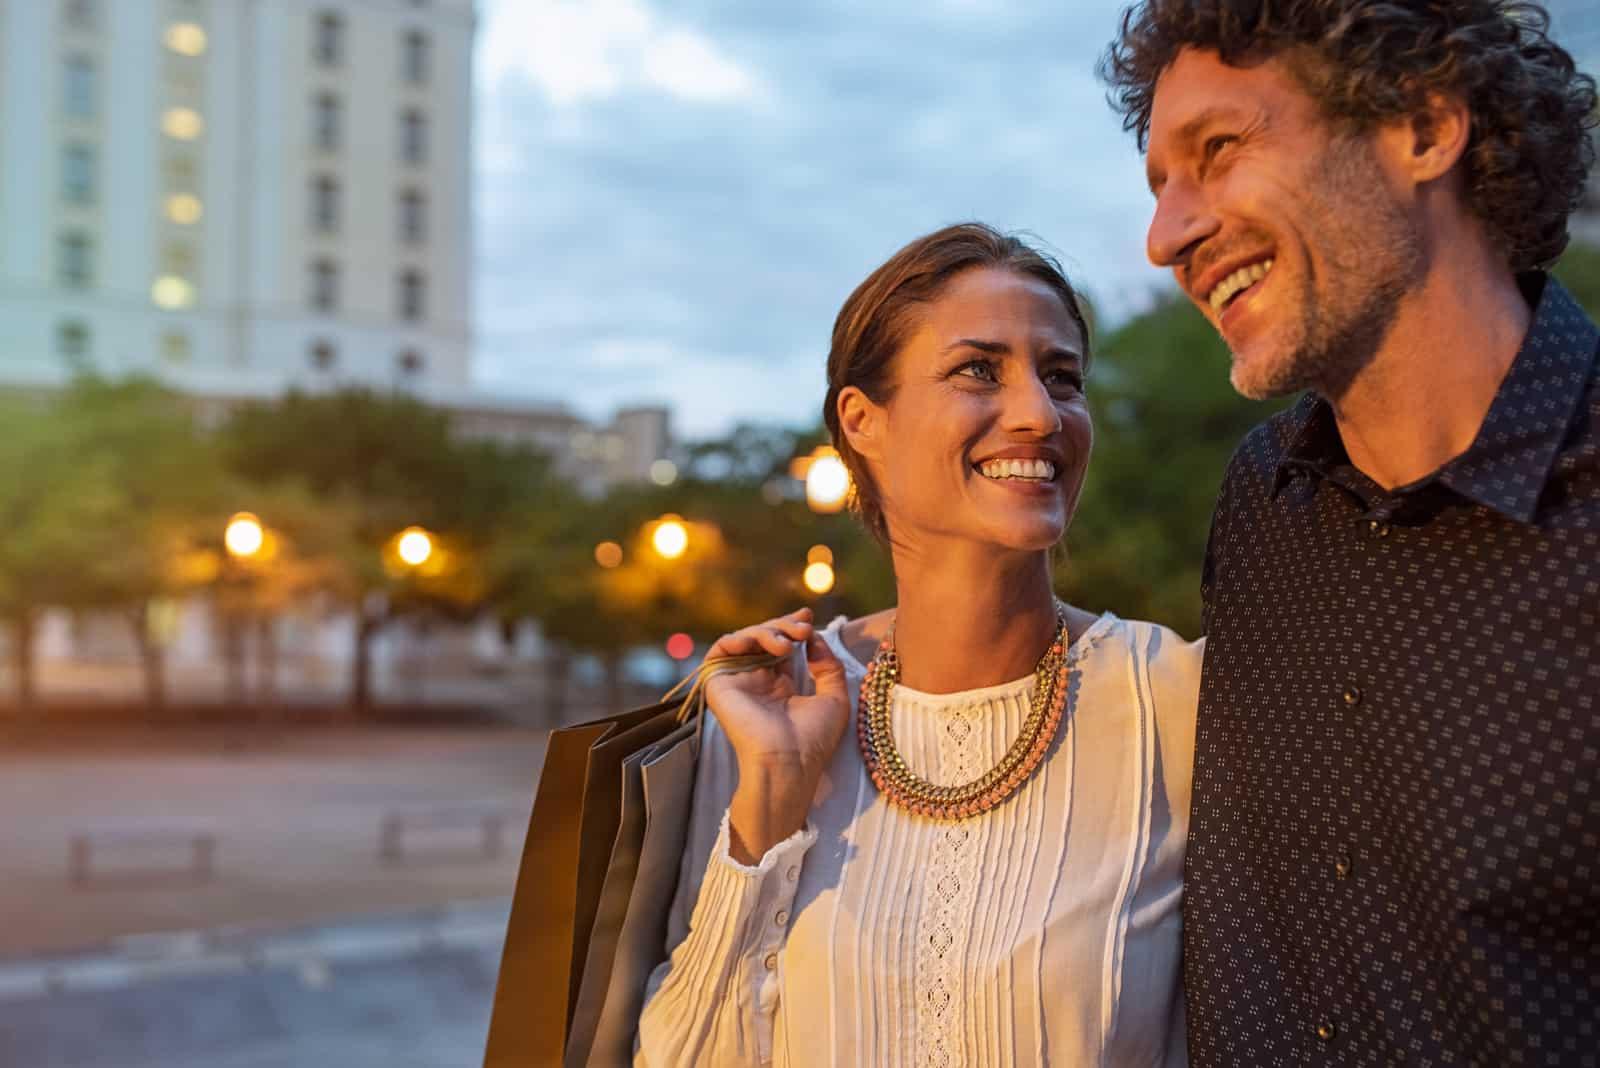 Frau, die abends mit ihrem Mann Einkaufstaschen trägt